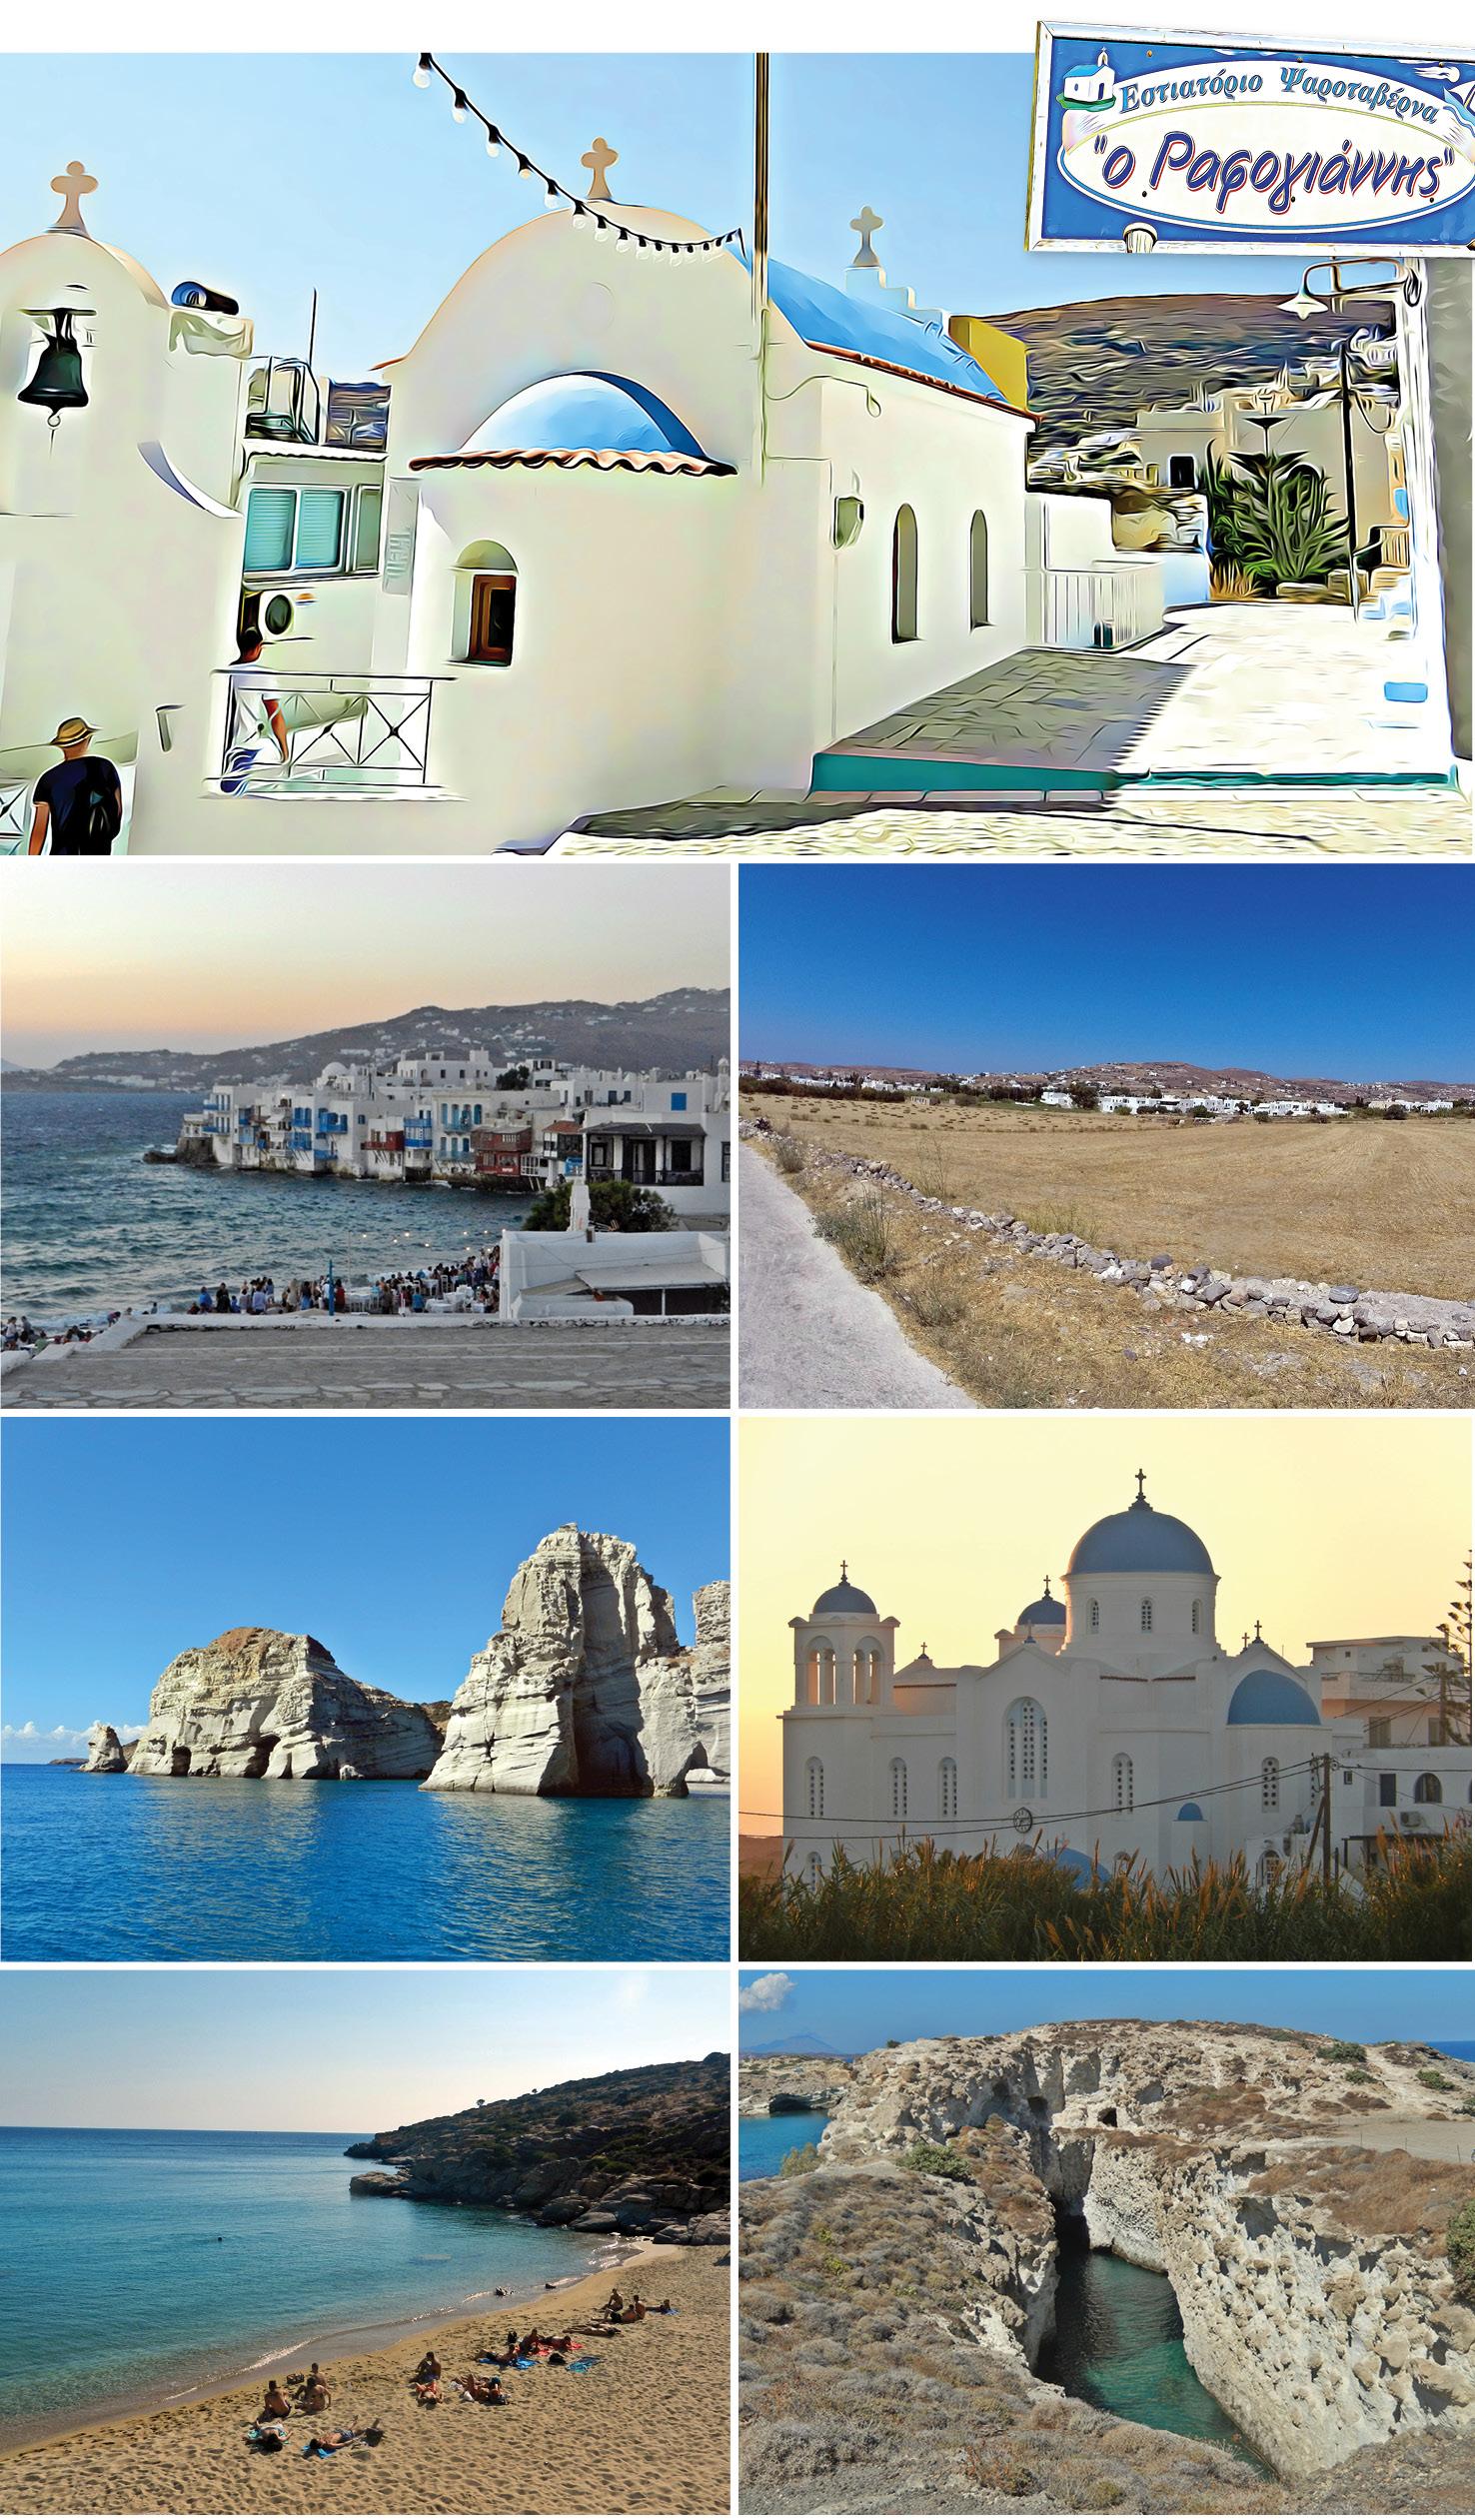 Maisons bleues et blanches, falaises calcaire et plage à Milos dans les cyclades. Eglise grecque dans le village de Ios et mer Méditerranée.